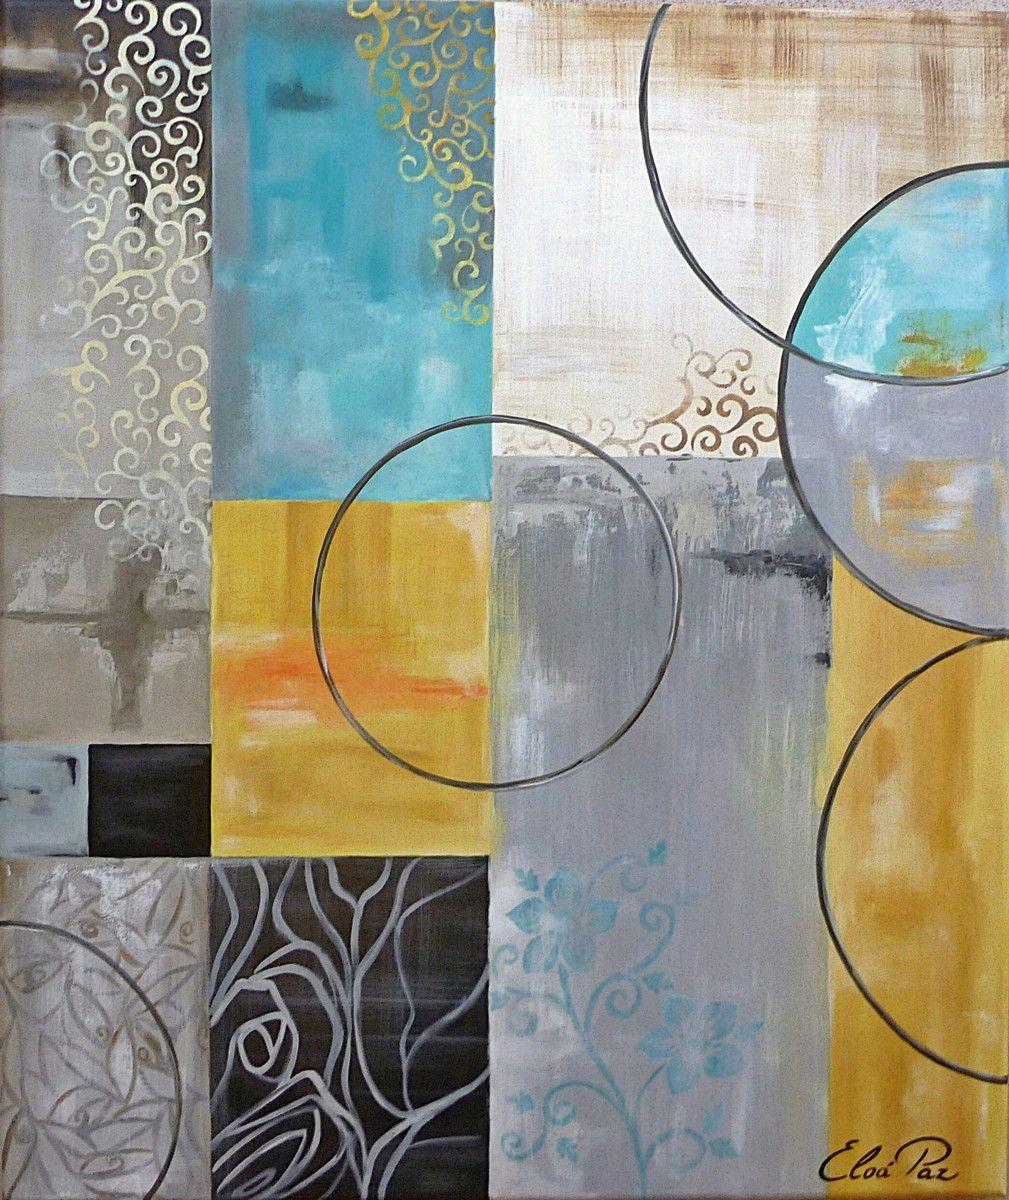 Quadro Abstrato Moderno Azul Quadros Abstratos Acrilico E Abstrato -> Quadro Abstrato Sala De Jantar